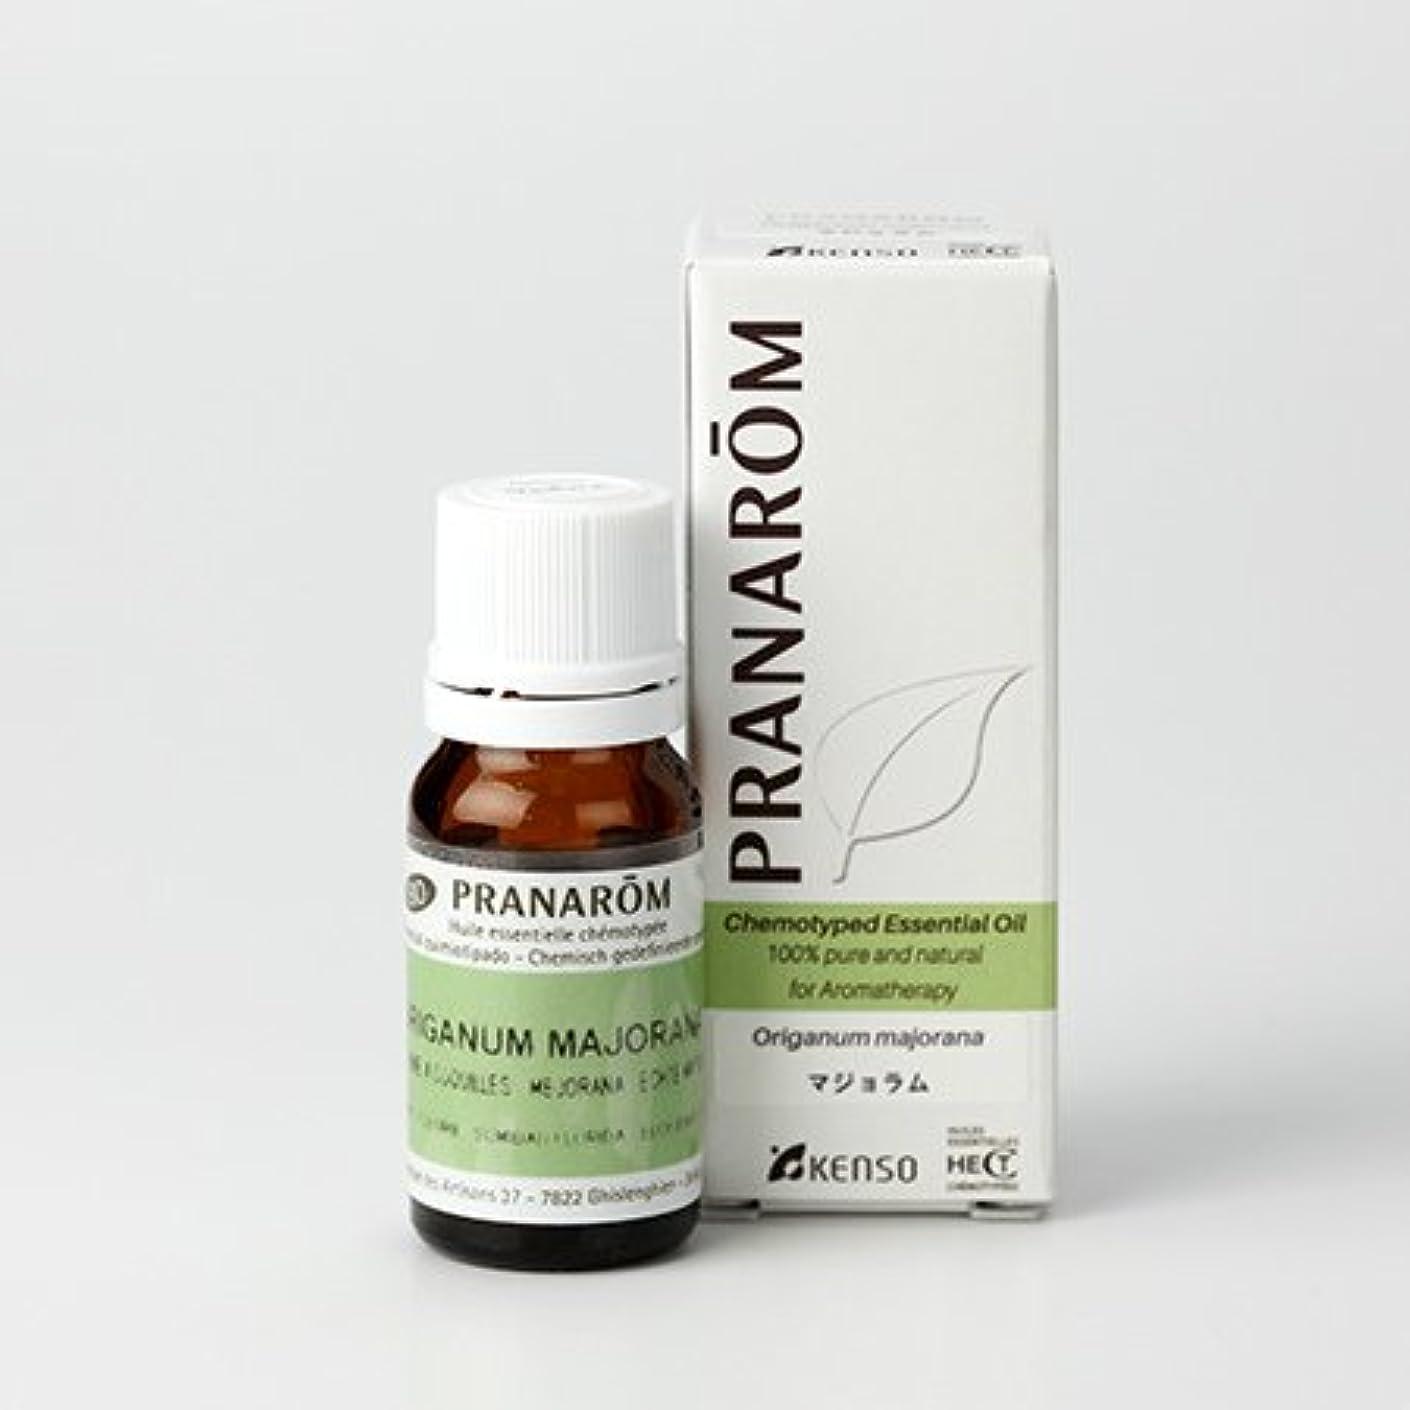 遠近法自宅で更新するプラナロム マジョラム 10ml (PRANAROM ケモタイプ精油)